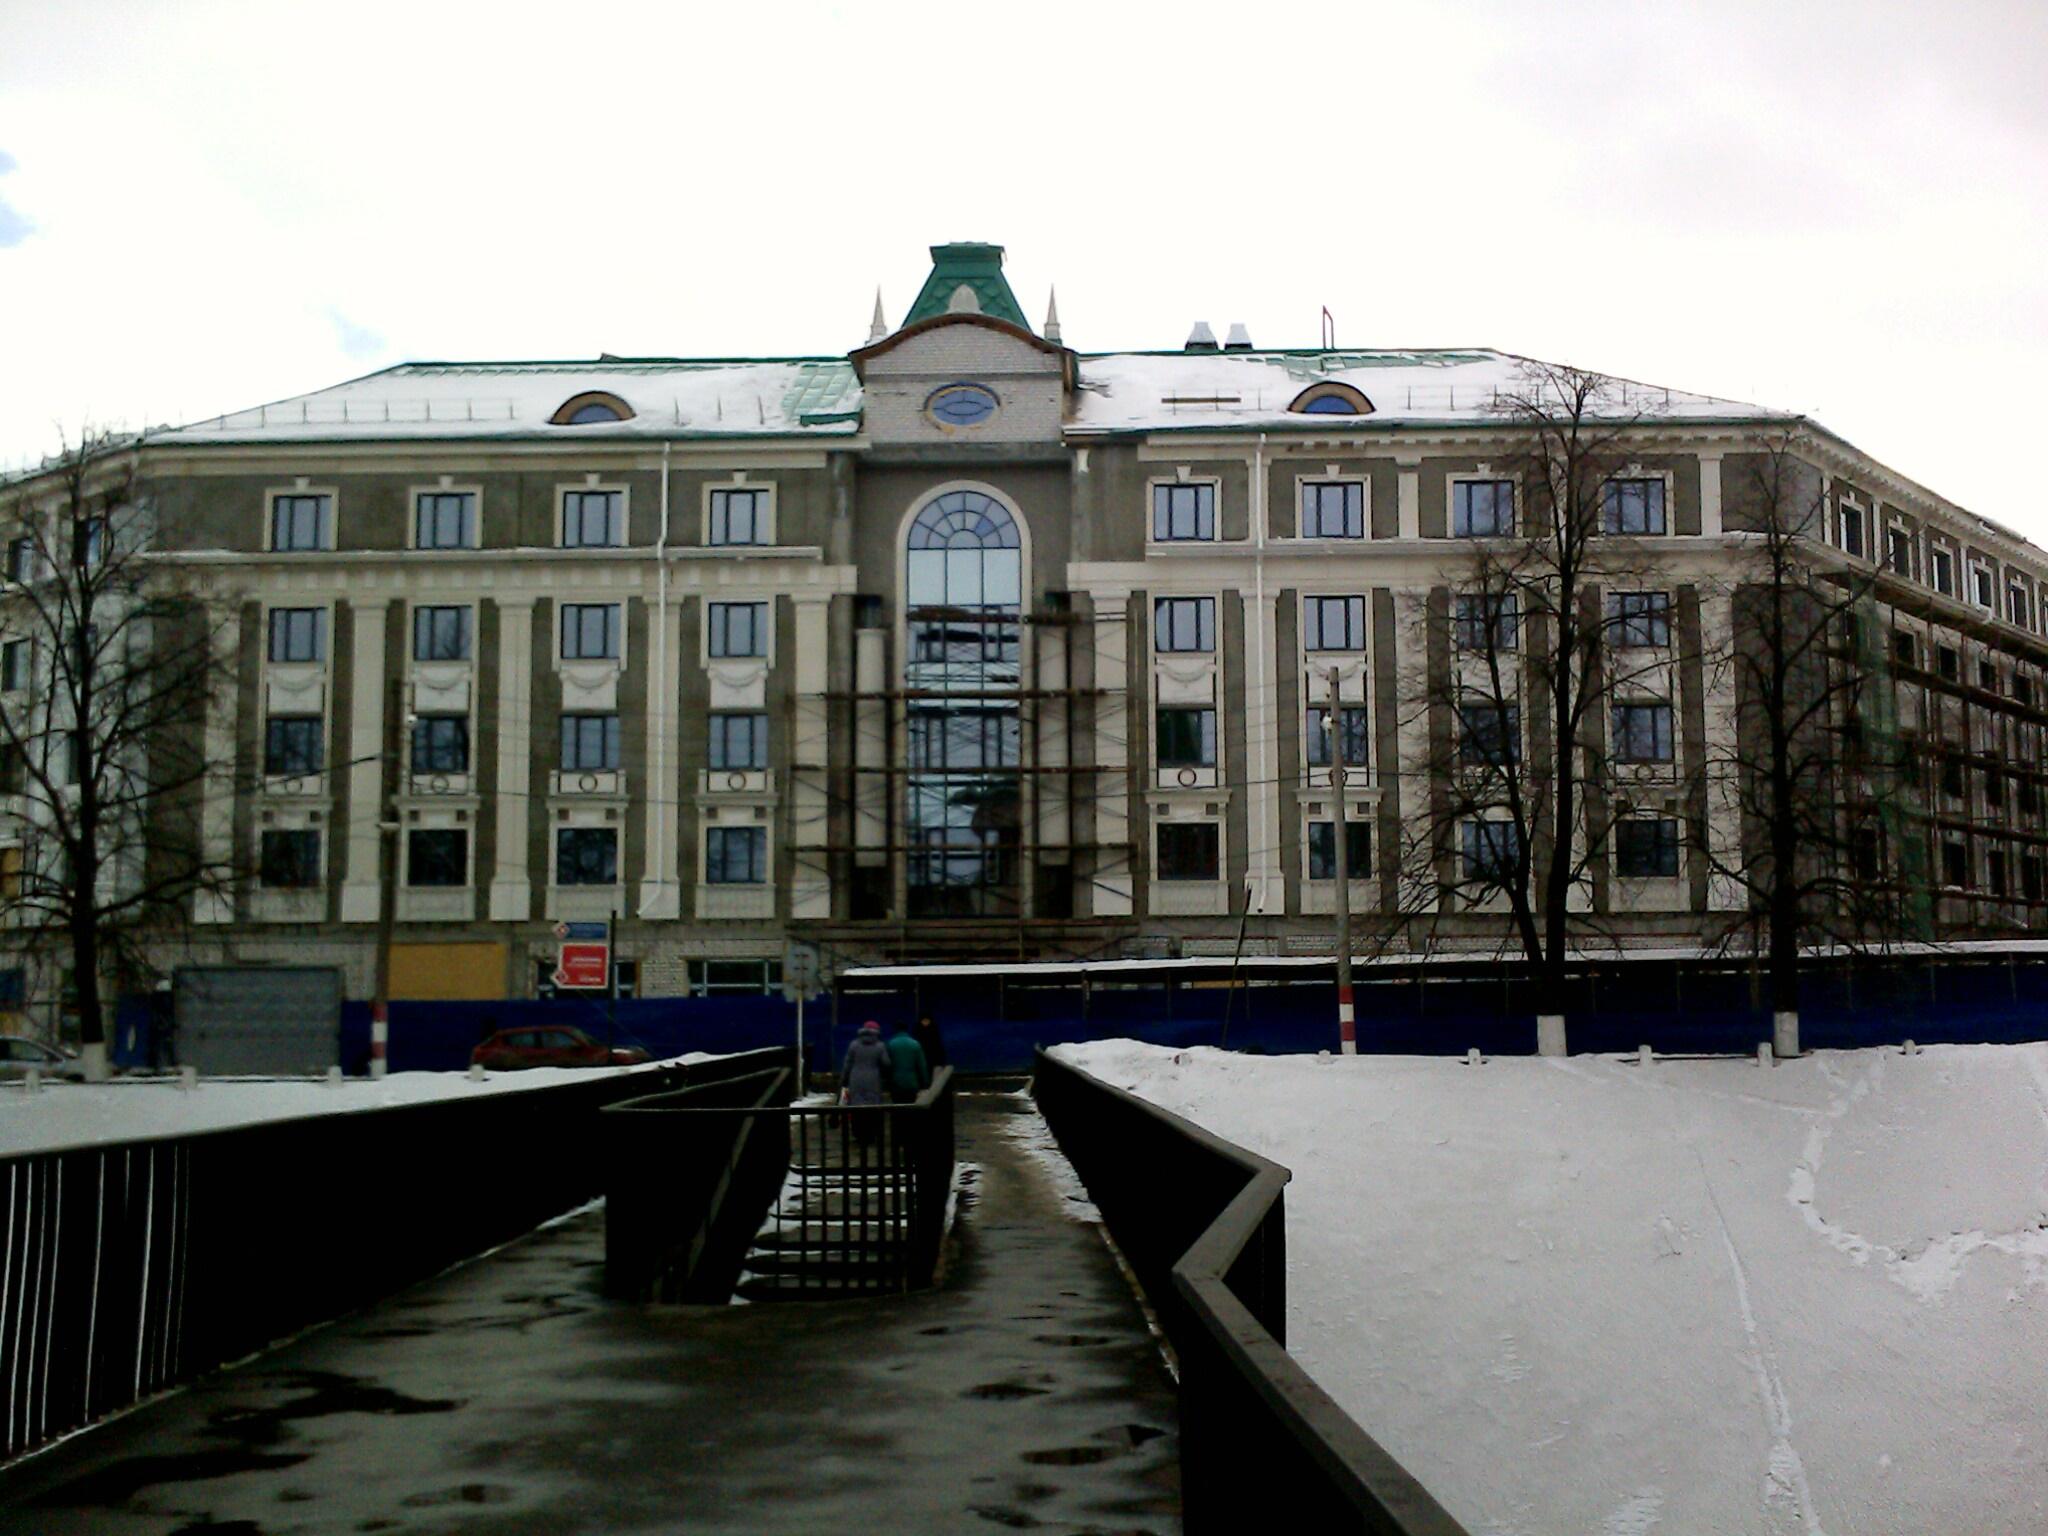 Mariott откроет отель в Нижнем Новгороде на месте древнего некрополя